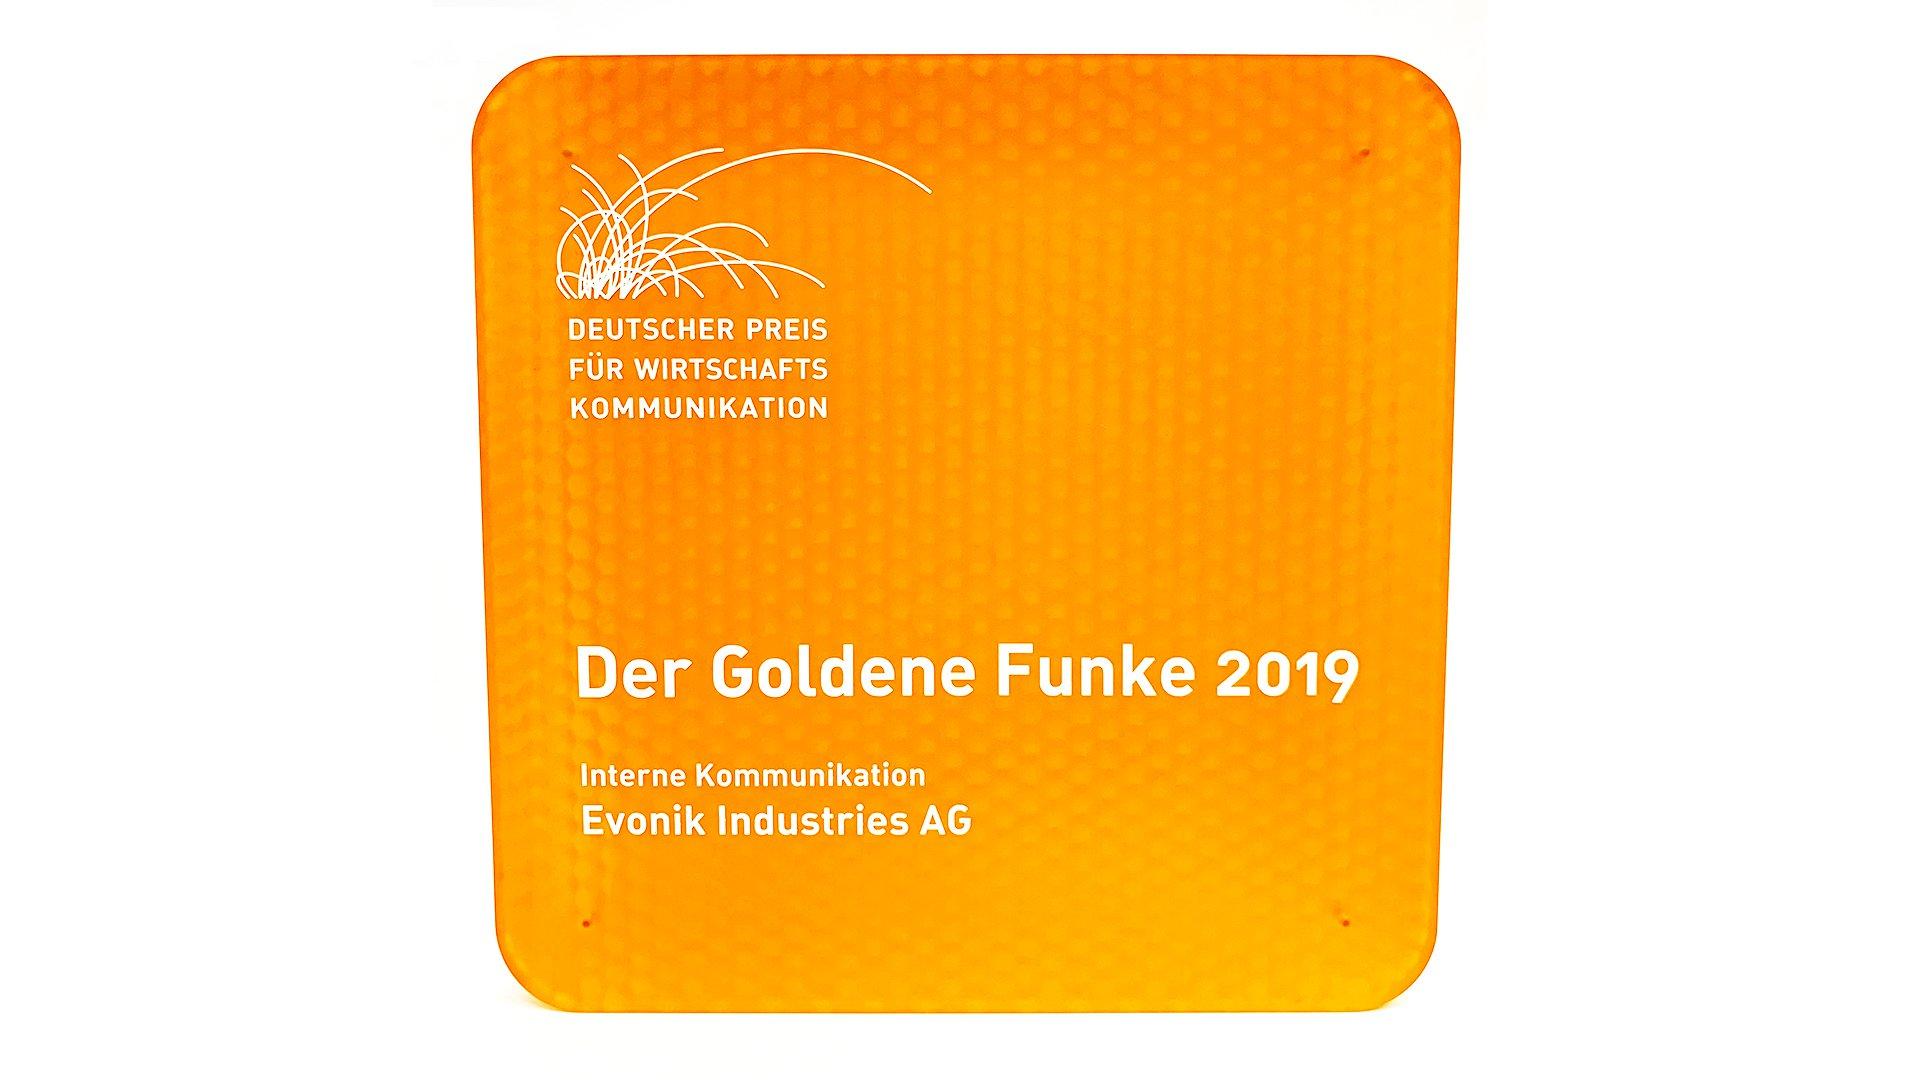 DPWK_Award_Bild.jpg